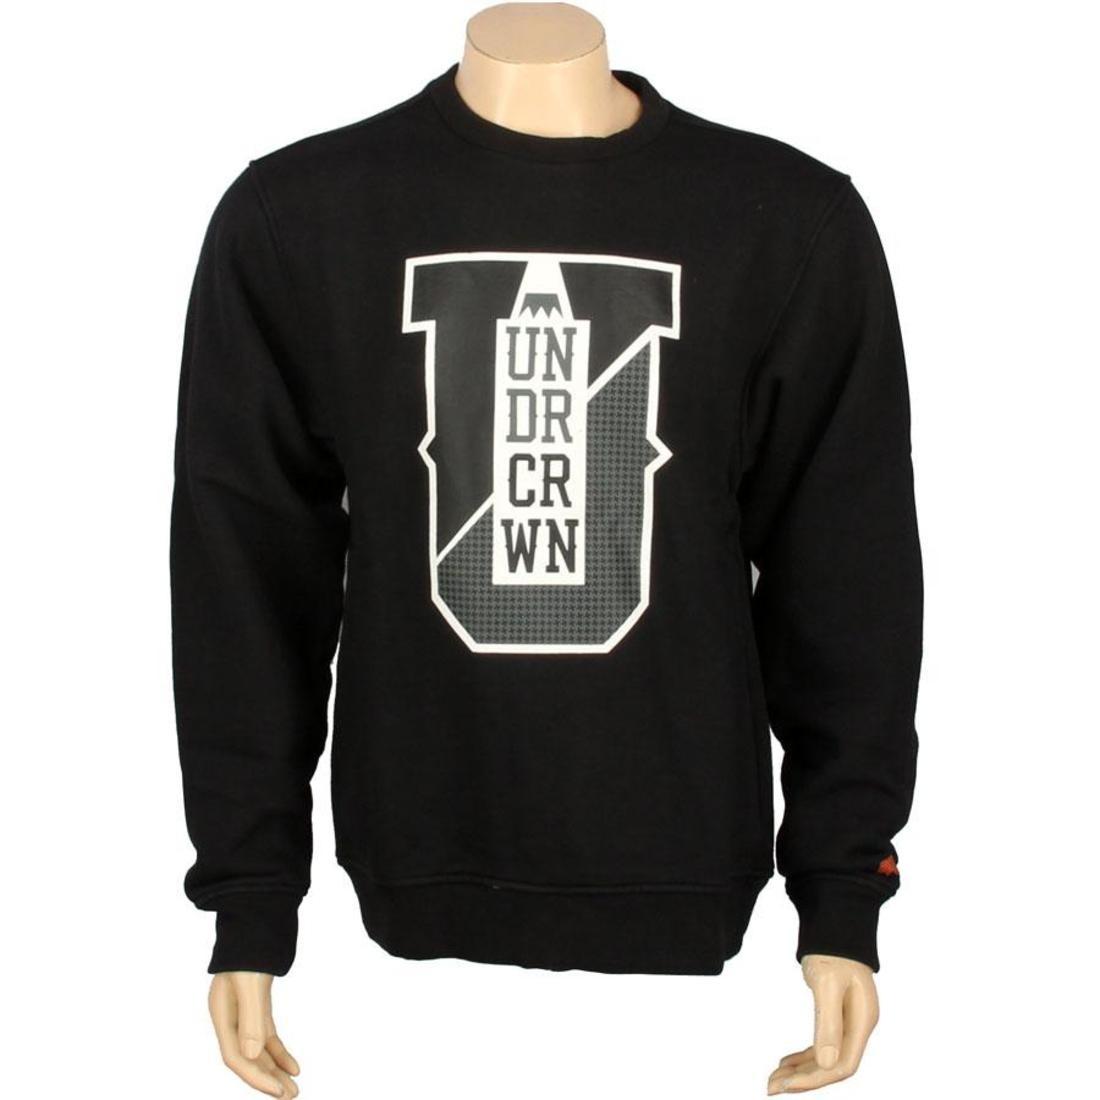 メンズファッション トップス Tシャツ カットソー メンズ 【 Under Crown Varsity Crewneck Sweatshirt (black) 】 Black